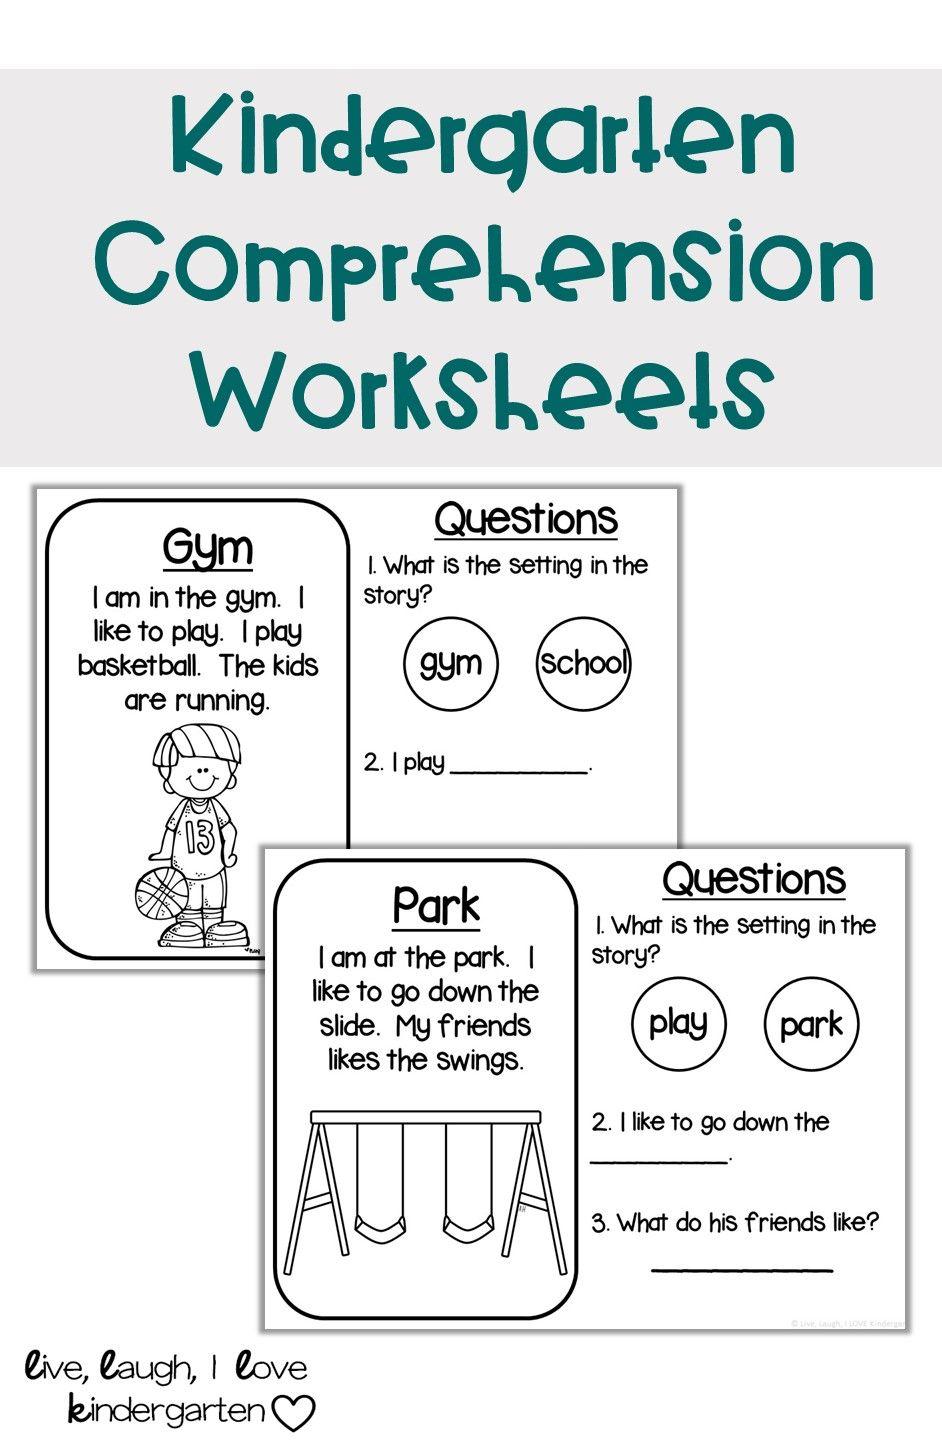 Kindergarten Comprehension Worksheets Kindergarten Comprehension Kindergarten Comprehension Worksheets Kindergarten Reading Centers [ 1444 x 942 Pixel ]